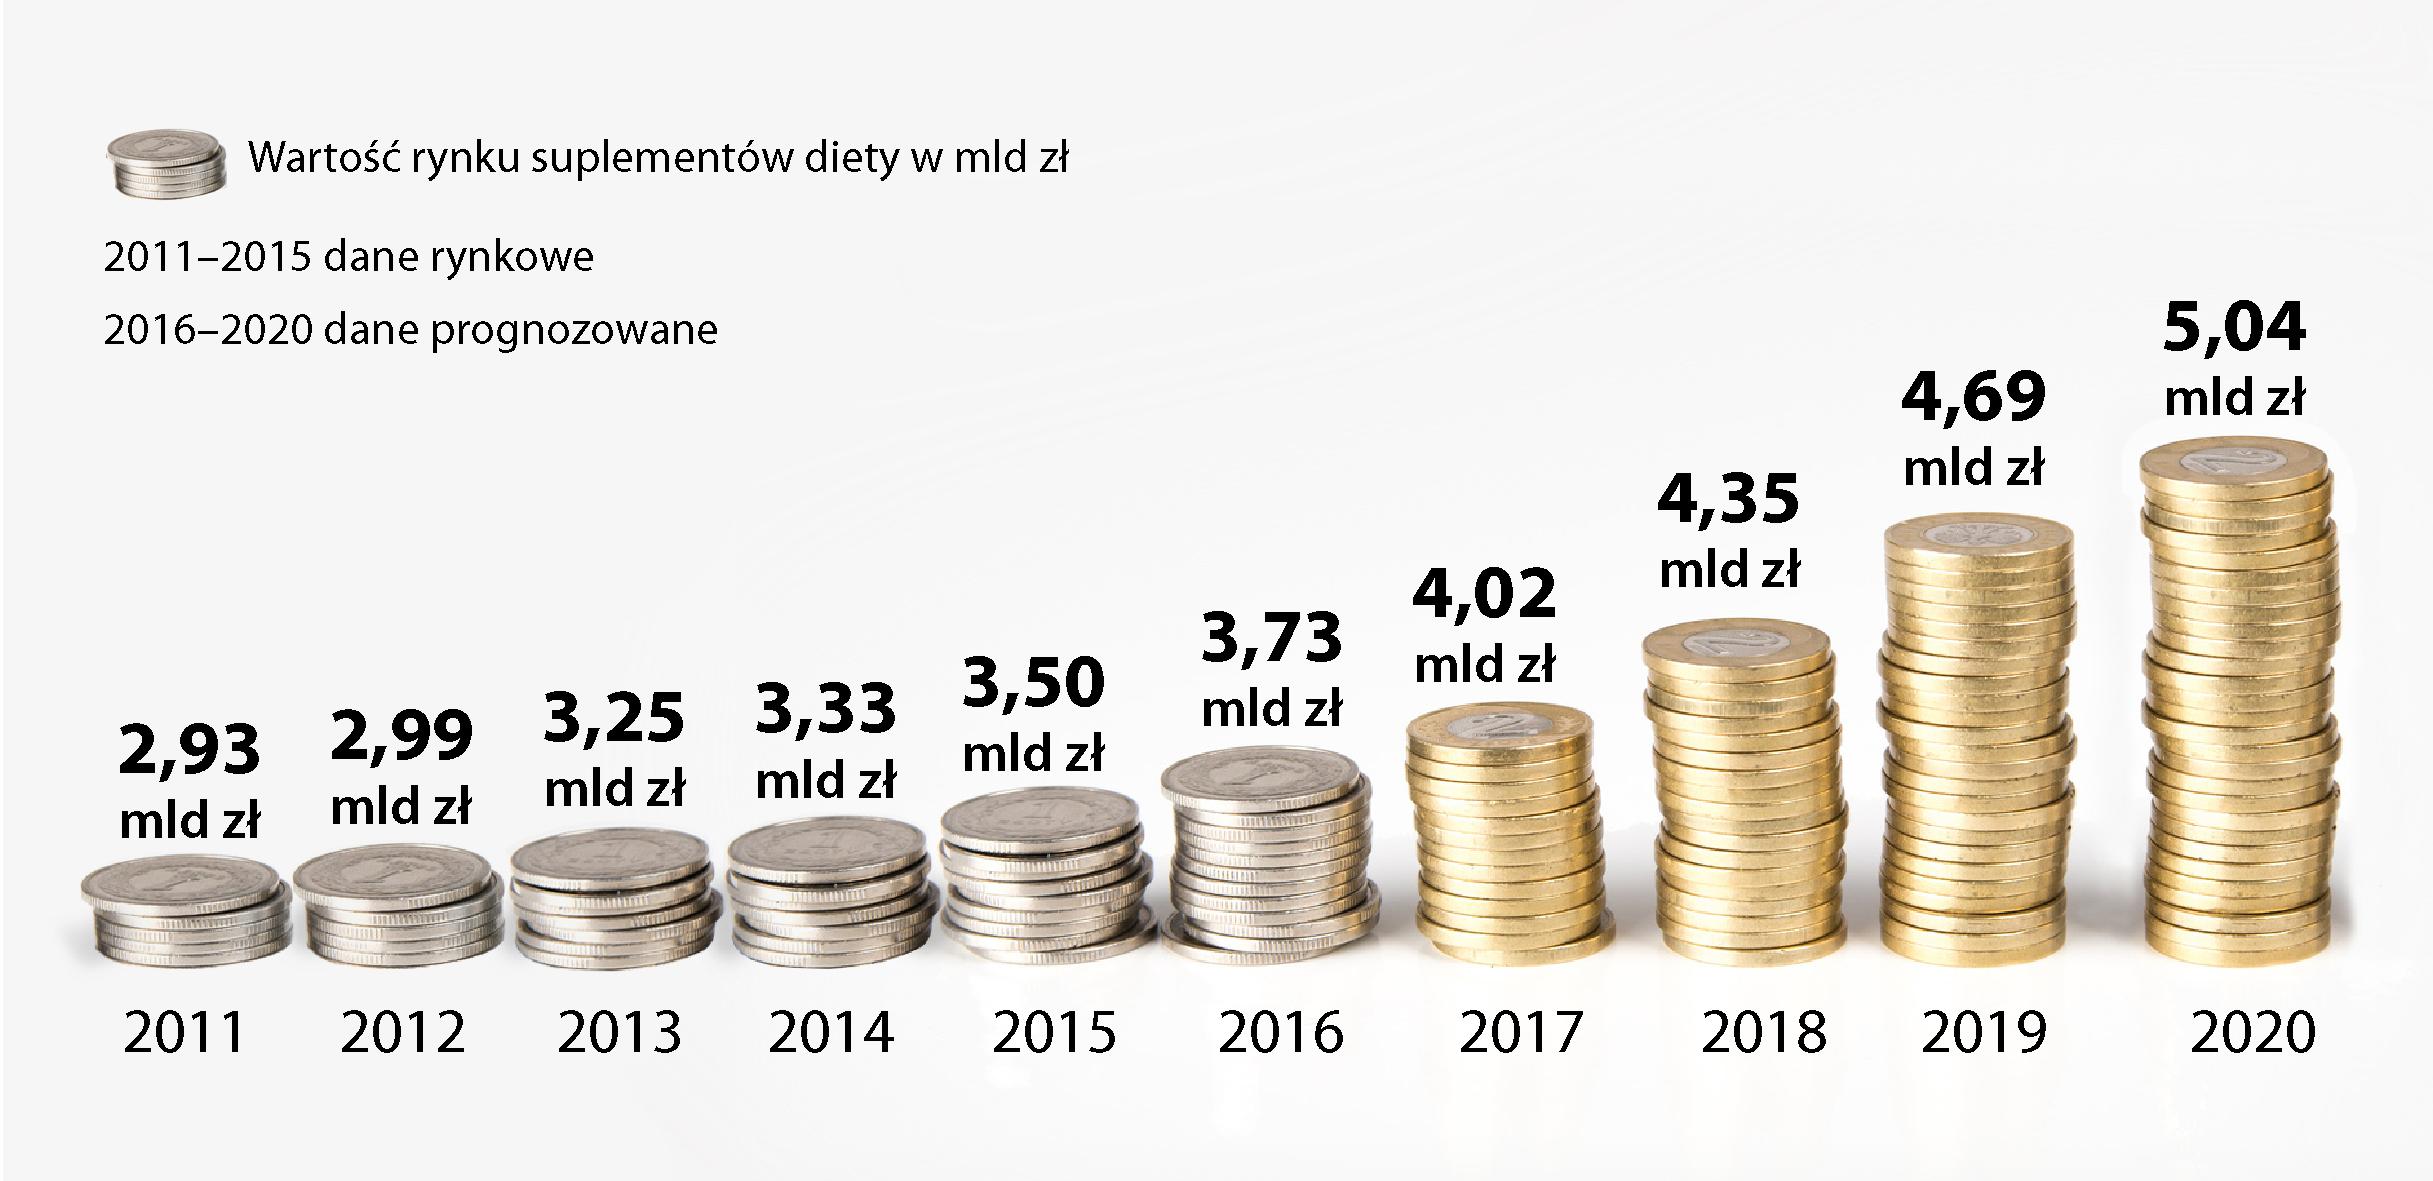 Wartość rynku suplementów diety